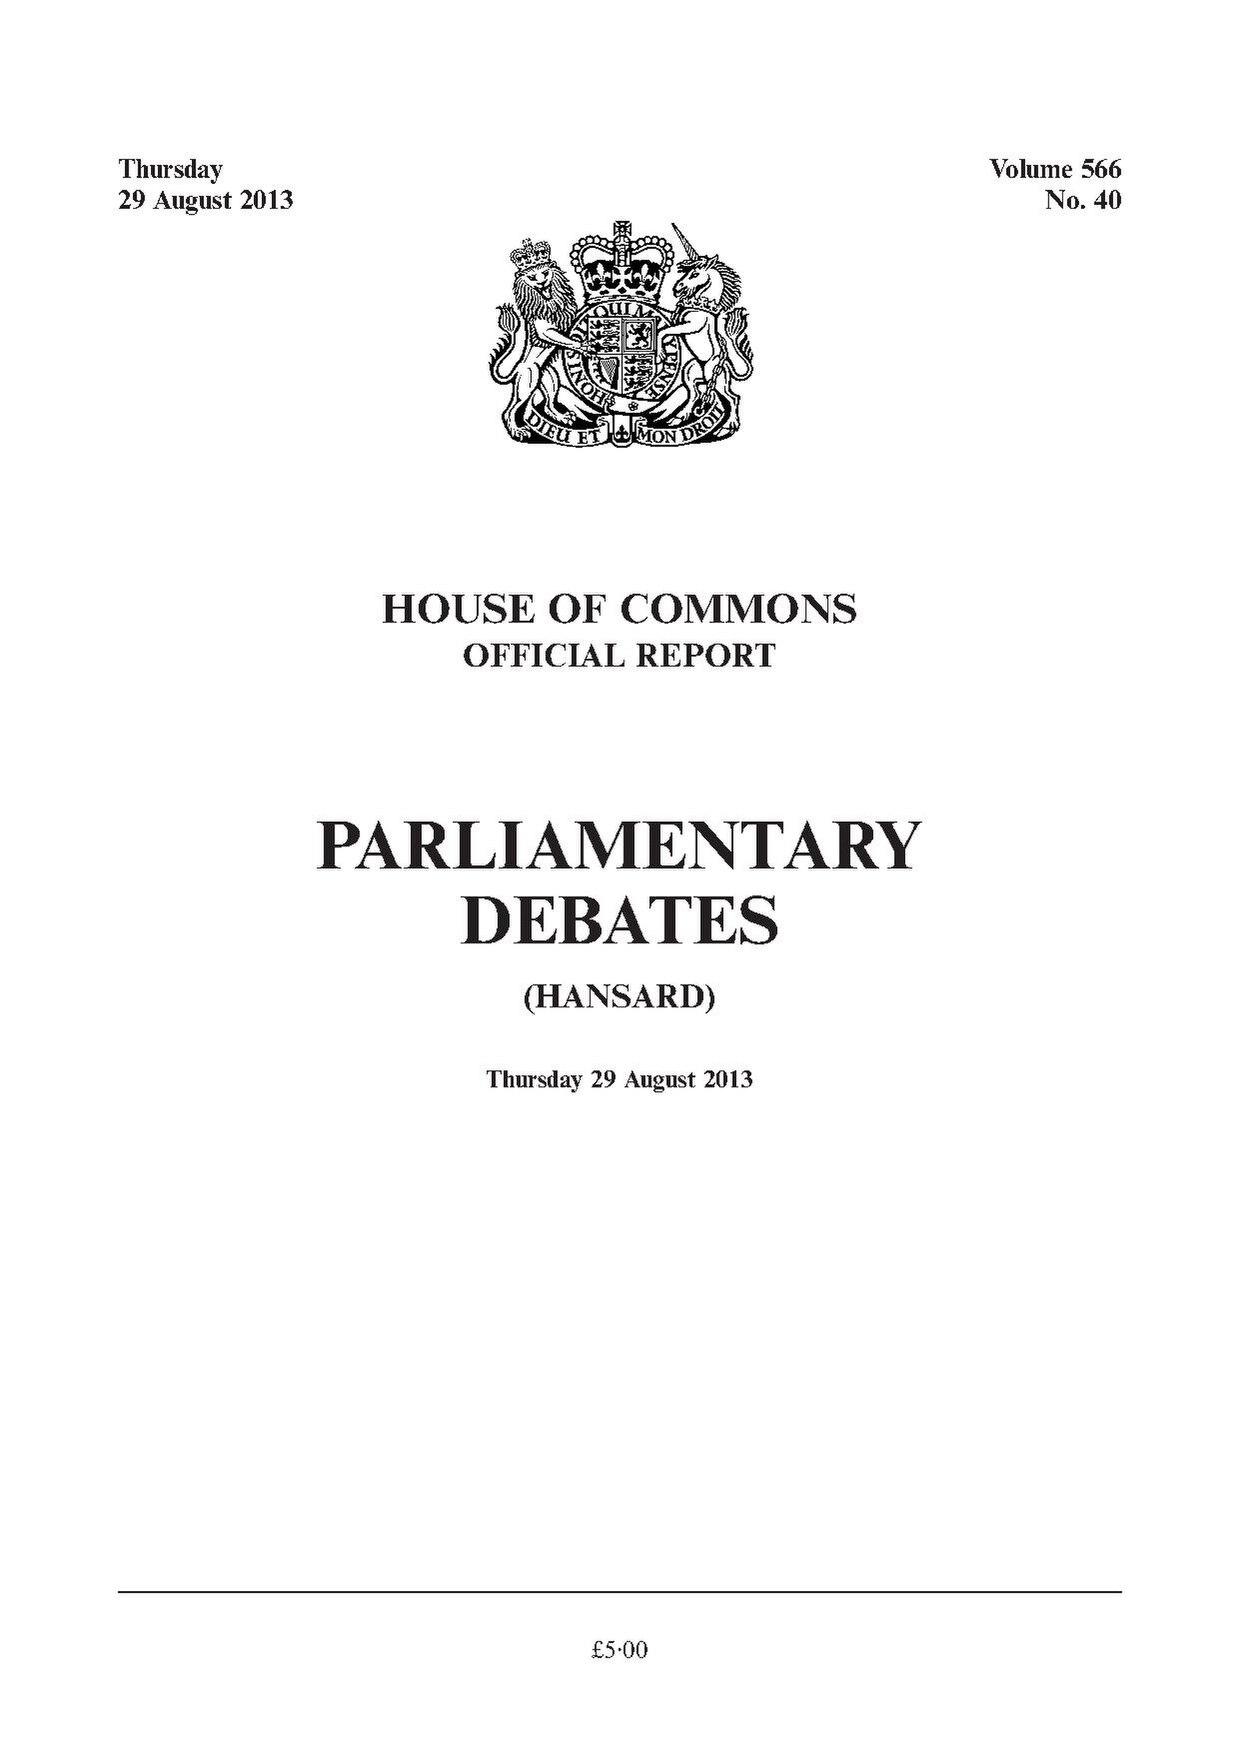 hansard pdf